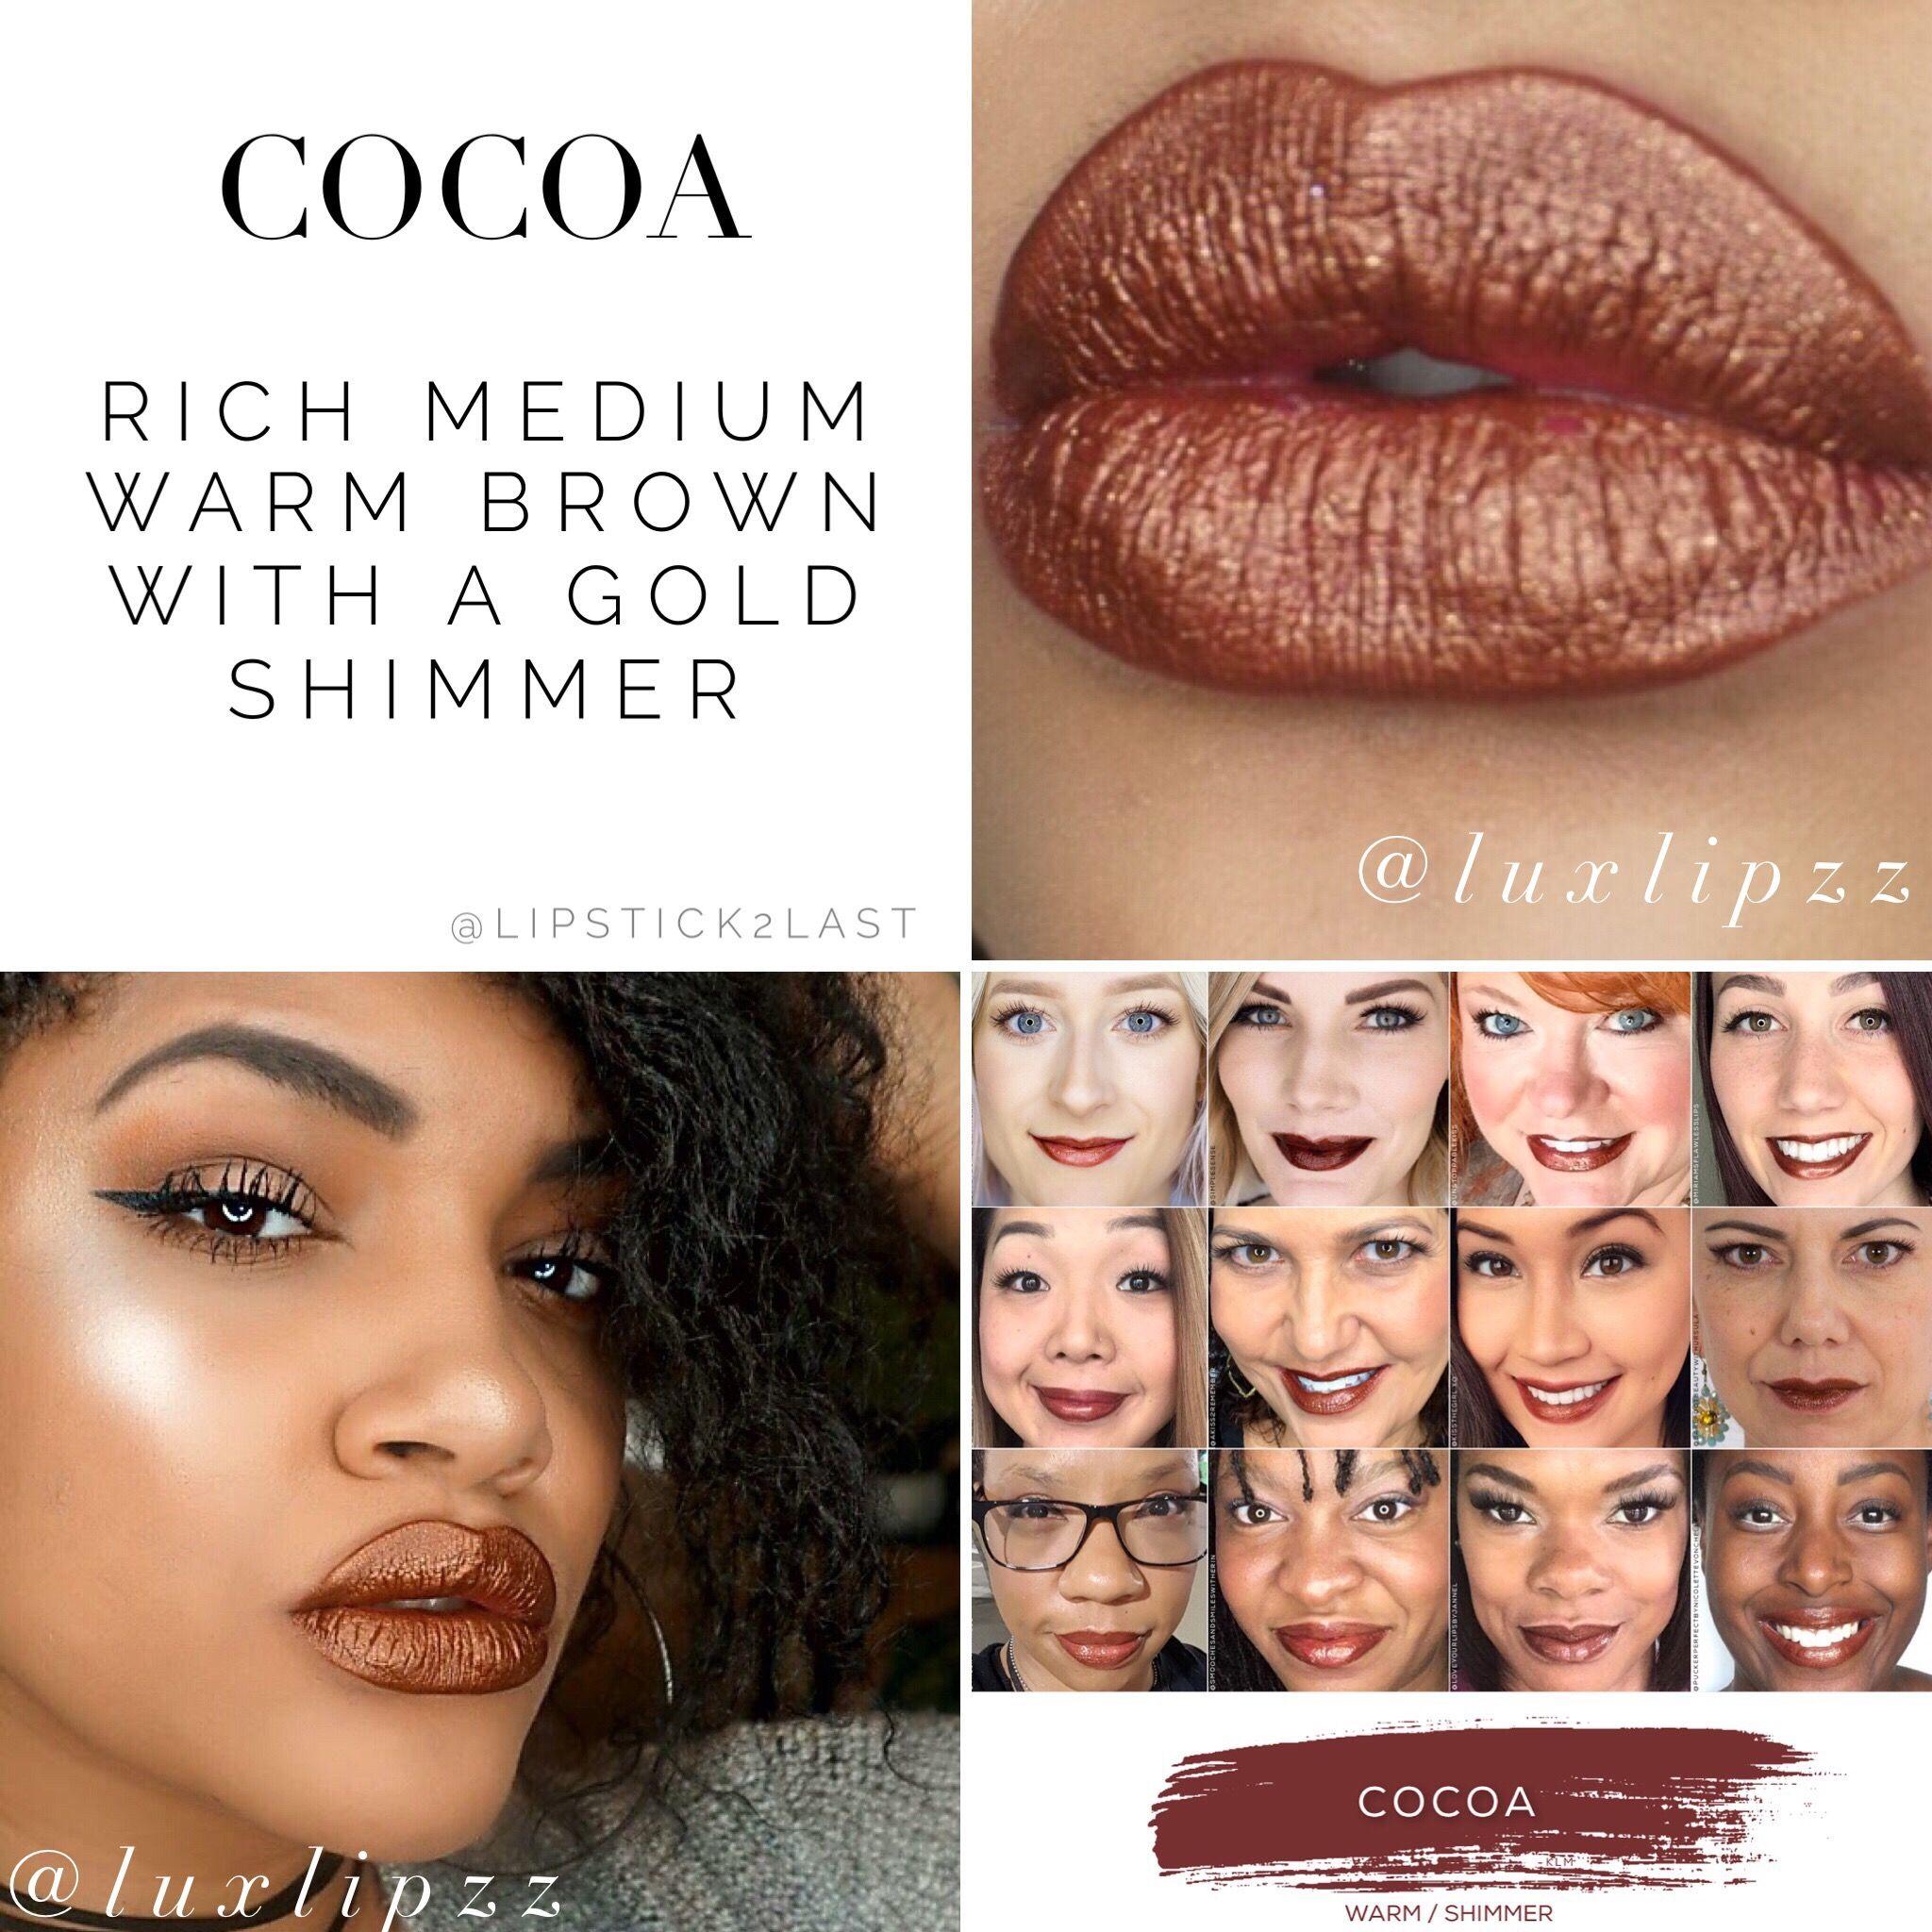 Cocoa skin tone